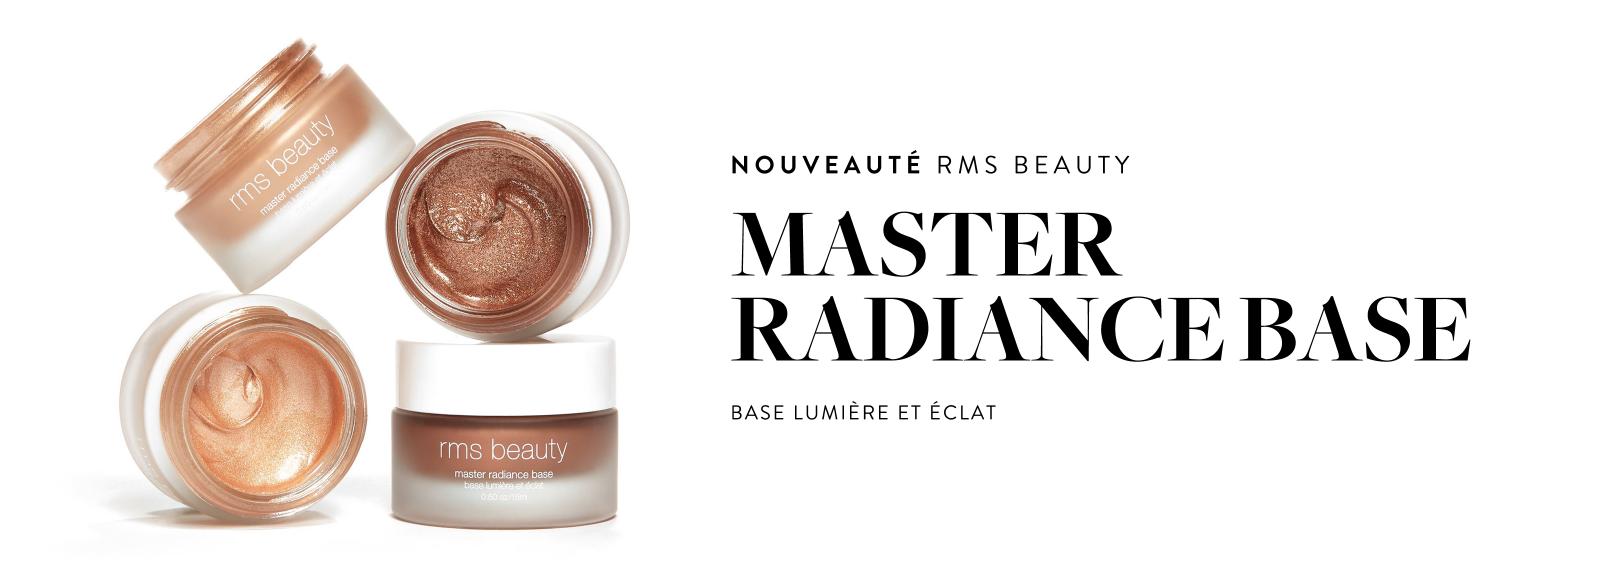 Nouveautés - RMS BEAUTY - Master Radiance Base